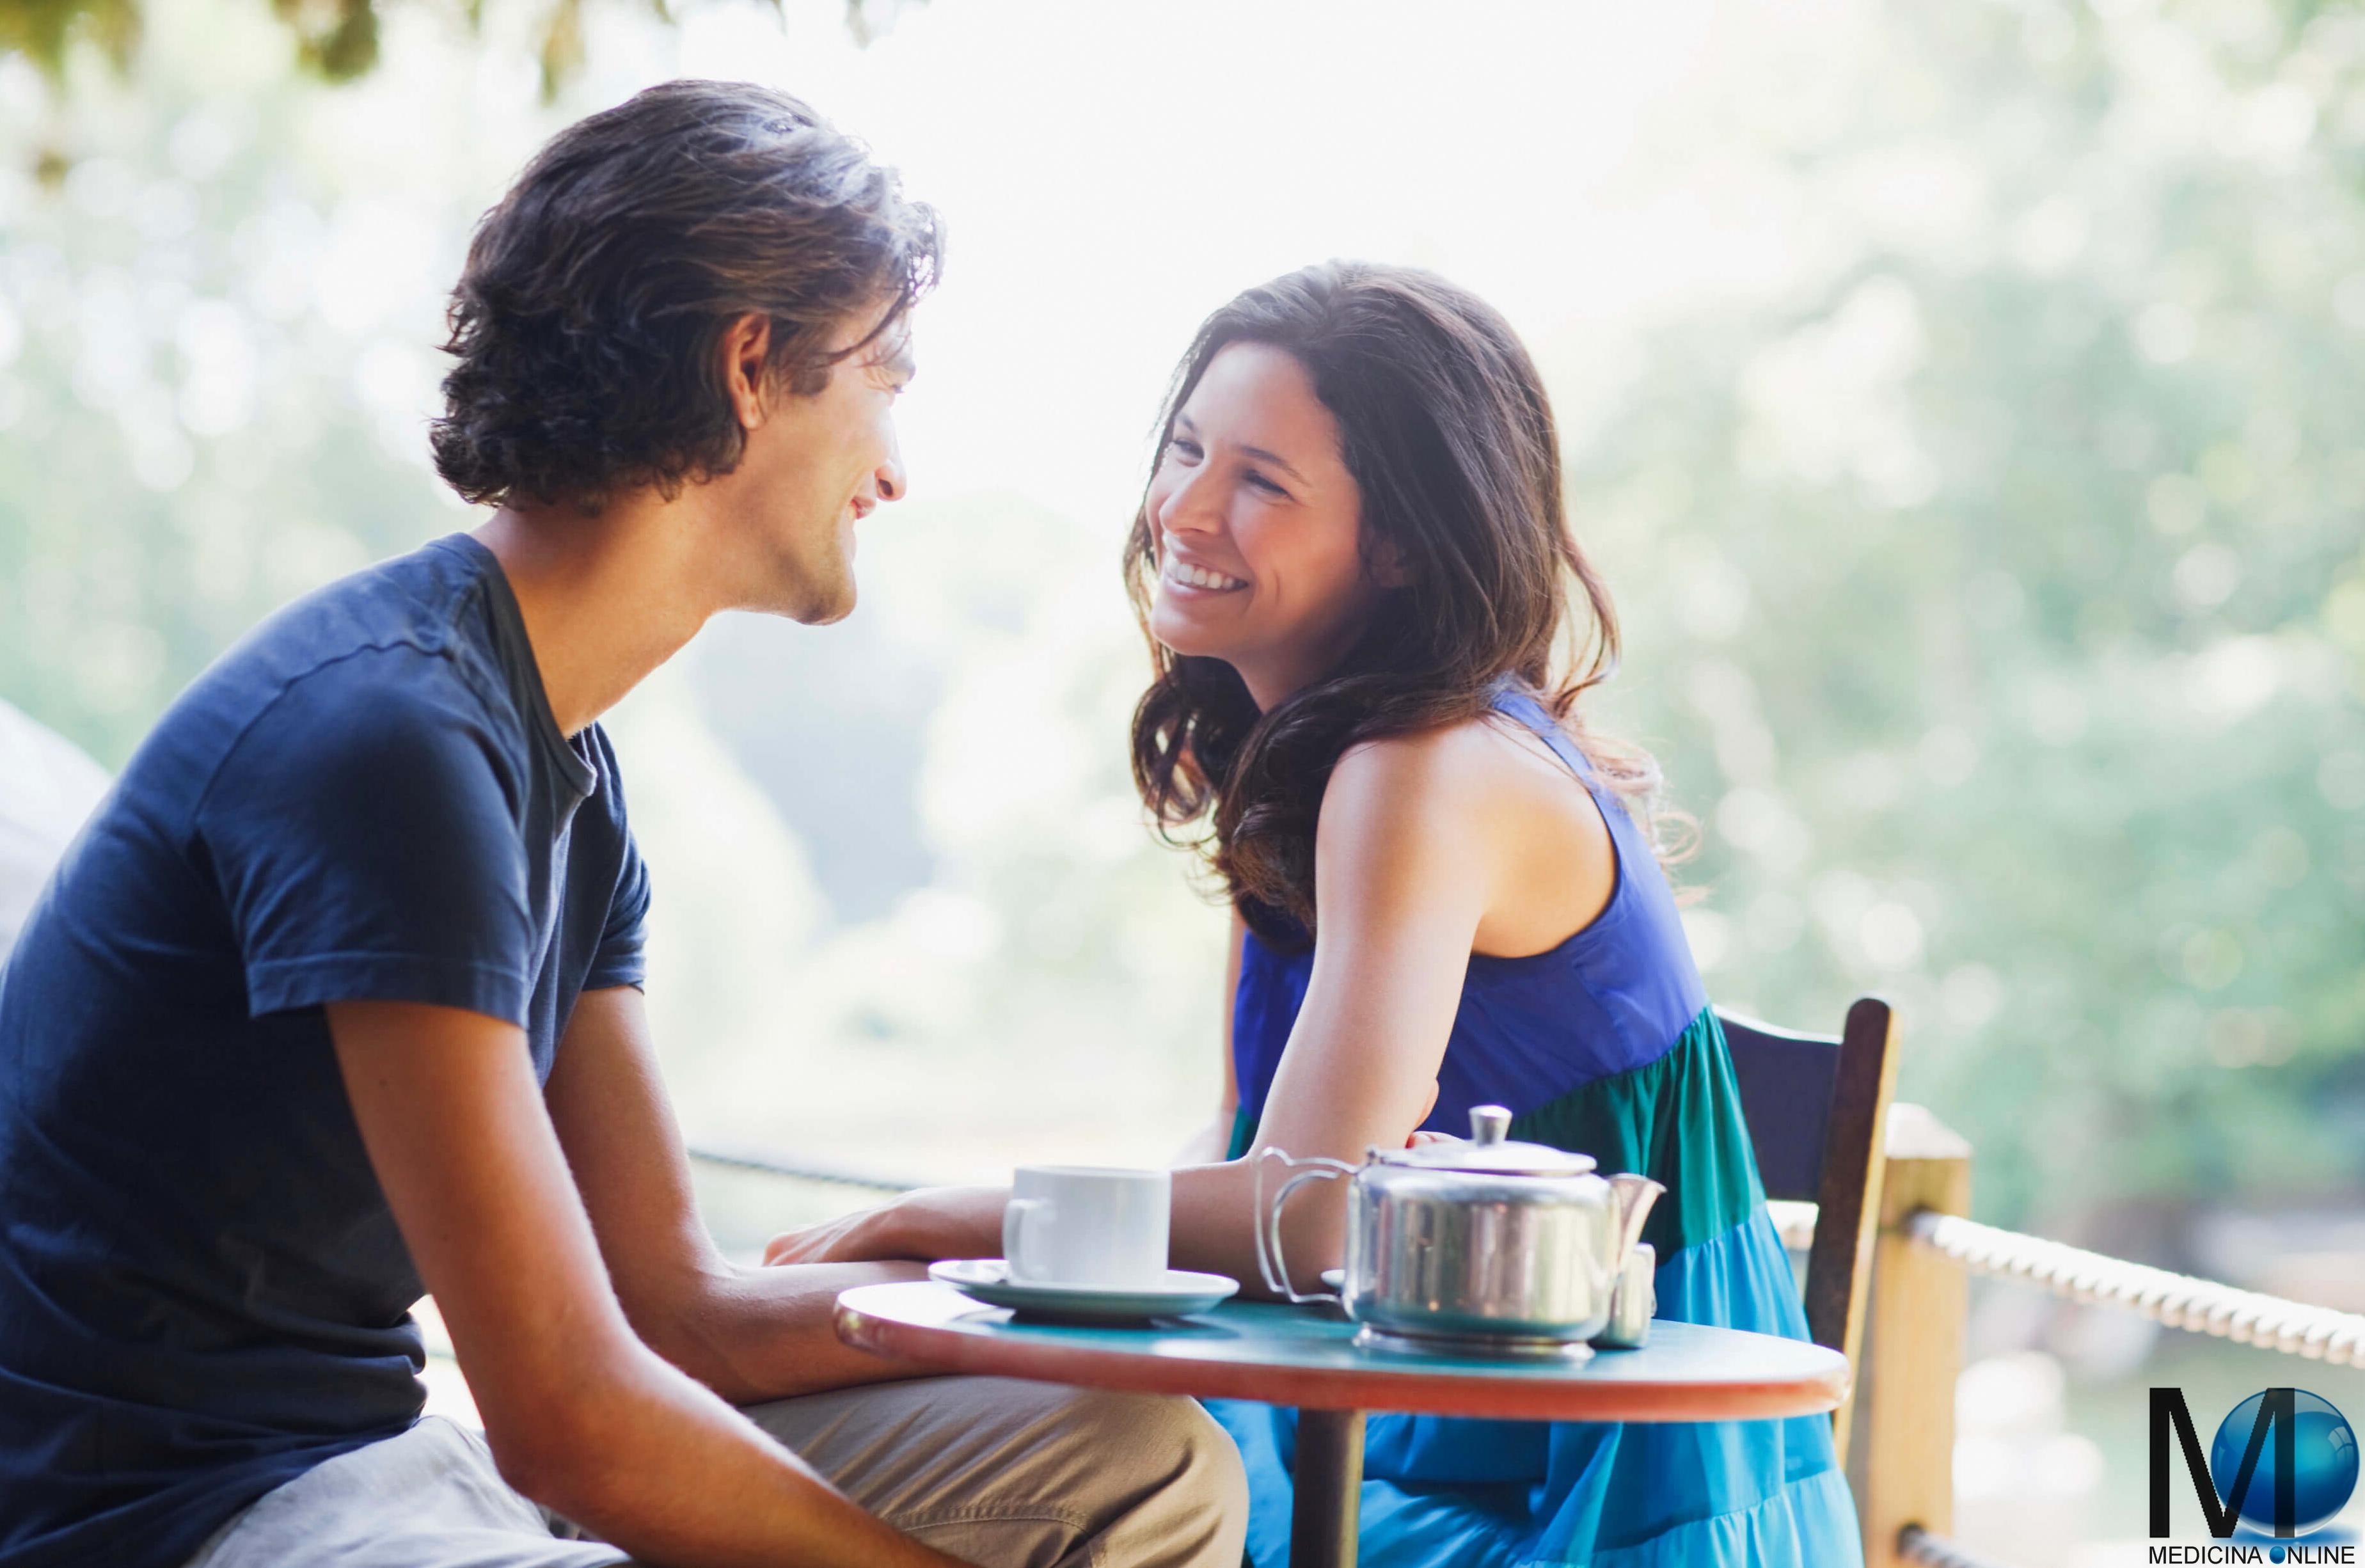 programma di incontri e incinta